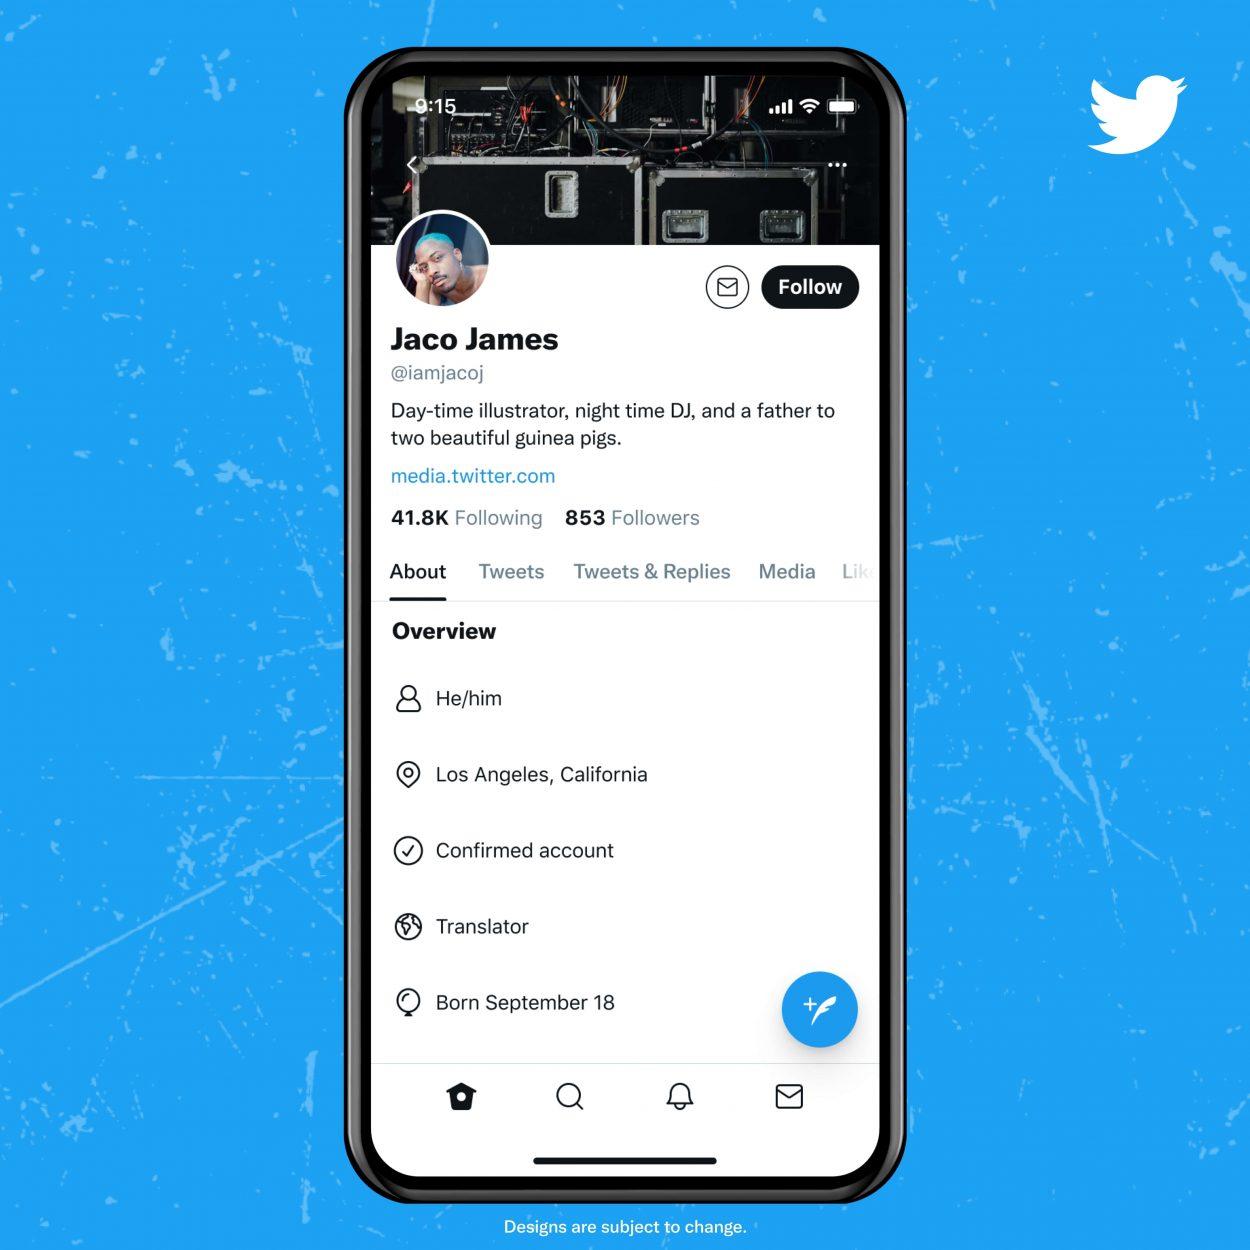 démonstration du nouvel onglet sur les profils Twitter